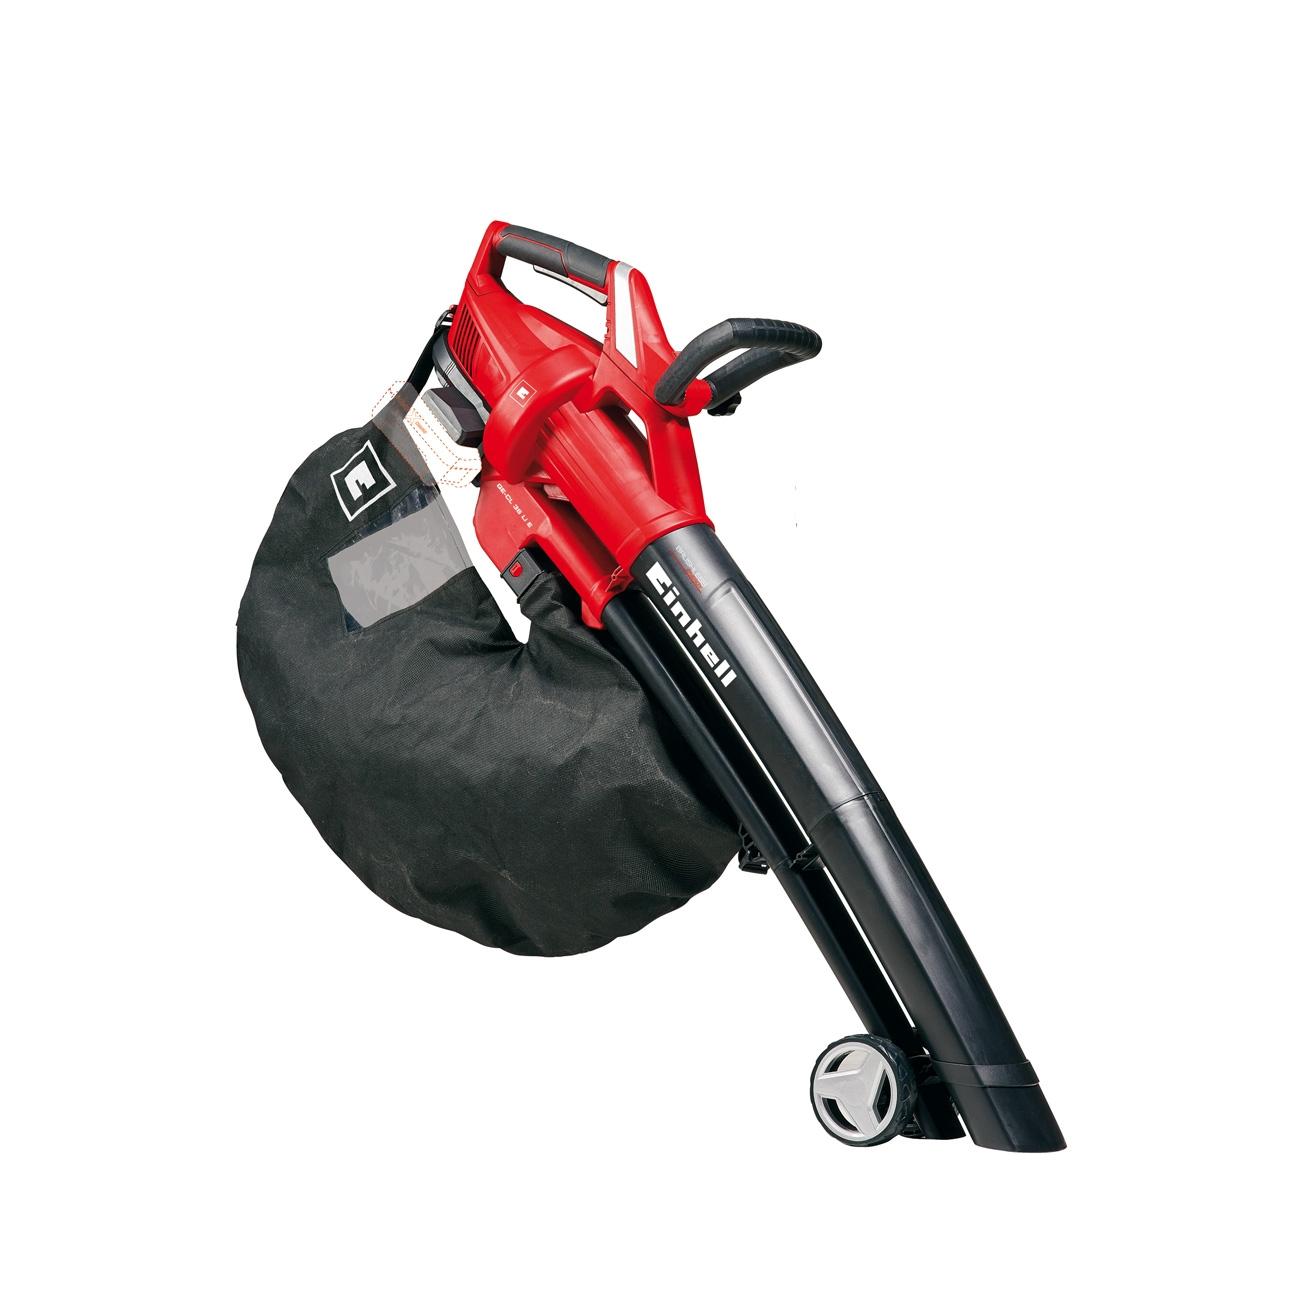 Einhell GE-CL 36 LiE Cordless Leaf Blower  - only body machine -